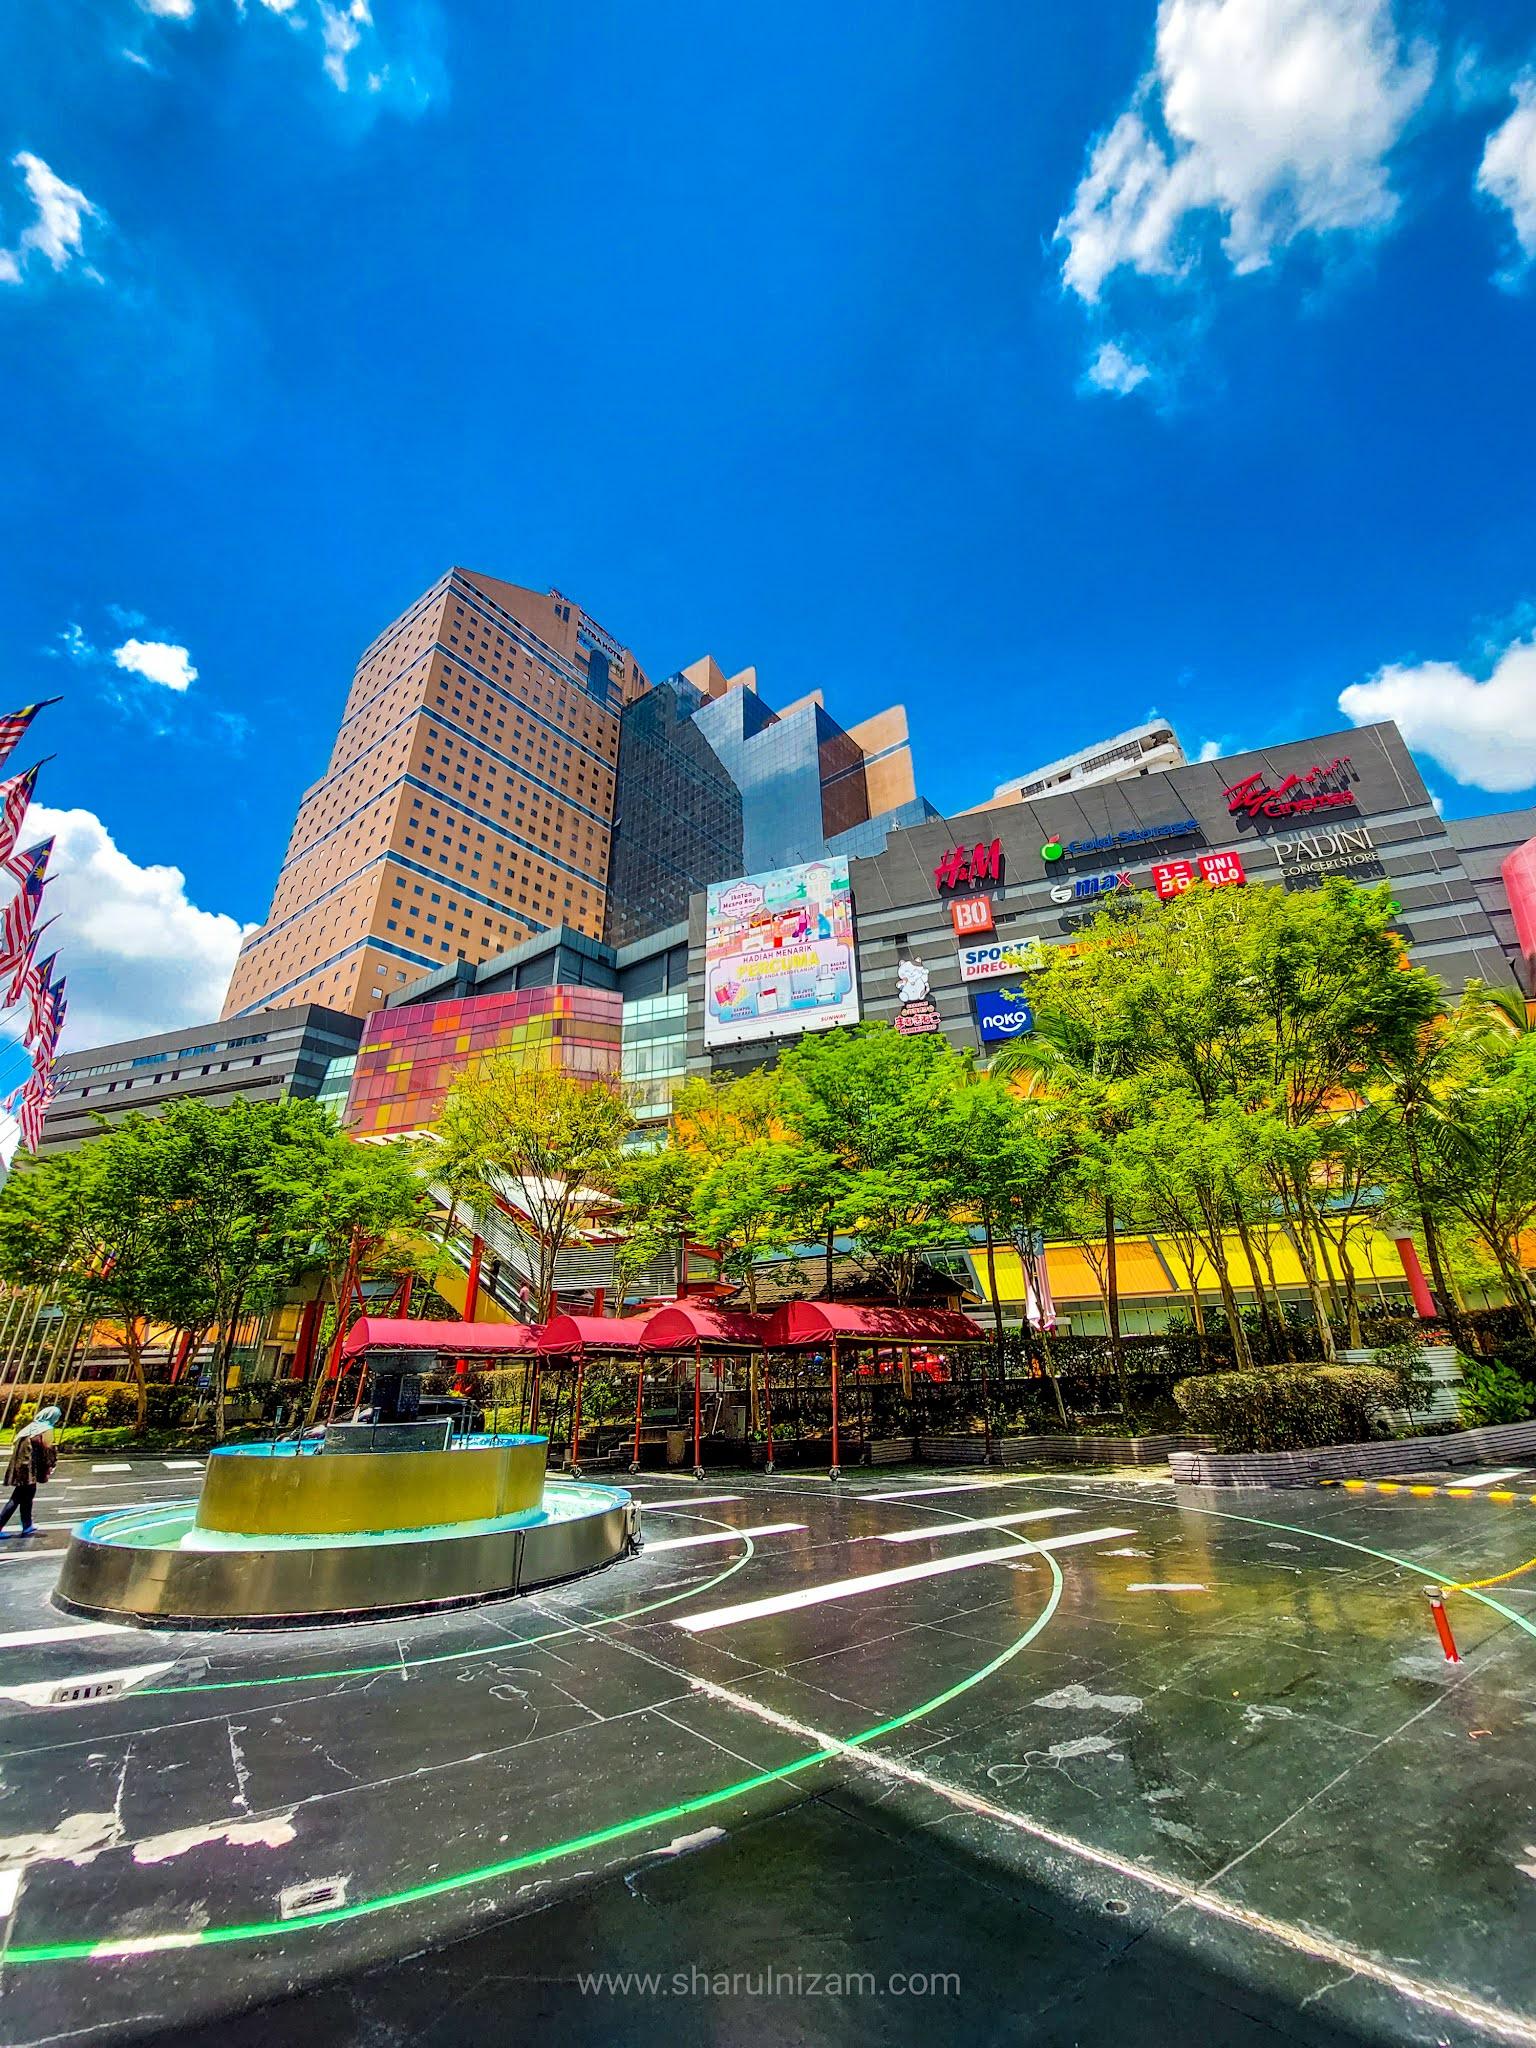 The Mall, Yaohan Dan Sunway Putra